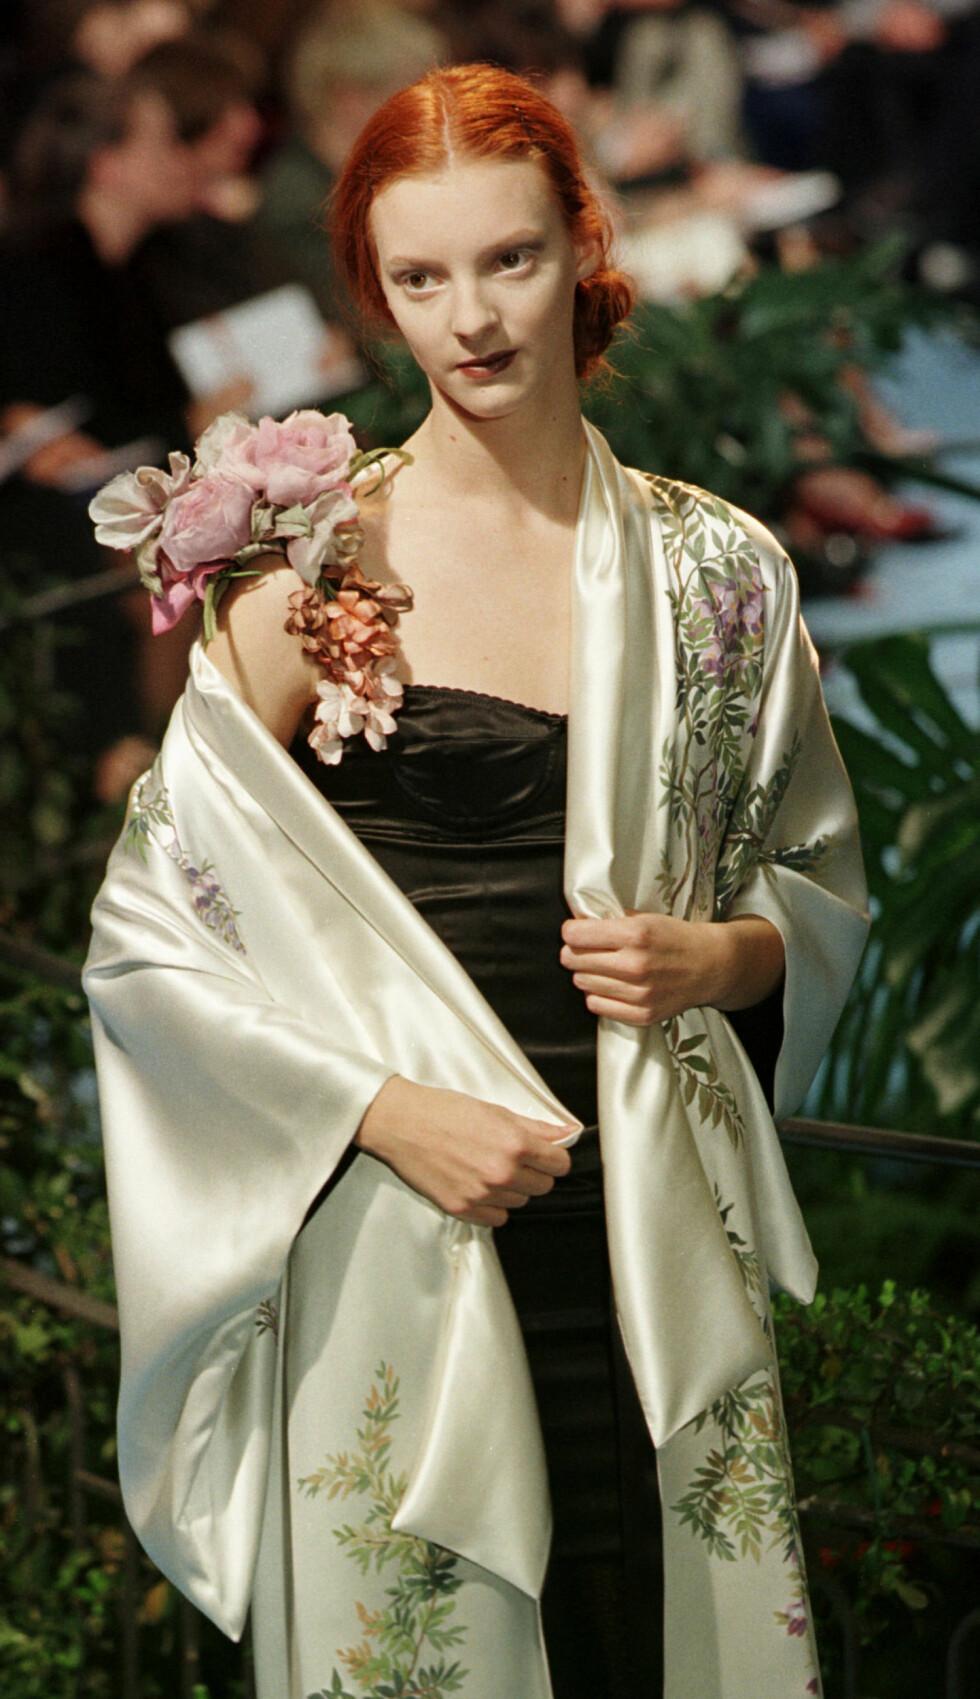 PÅ CATWALKEN: På det meste tjente Sunniva en halv million kroner i uken på det store røde håret og de irrgrønne øynene. Her på en jobb i Milano i 1997, på catwalken for Dolce & Gabbana. Foto: NTBScanpix